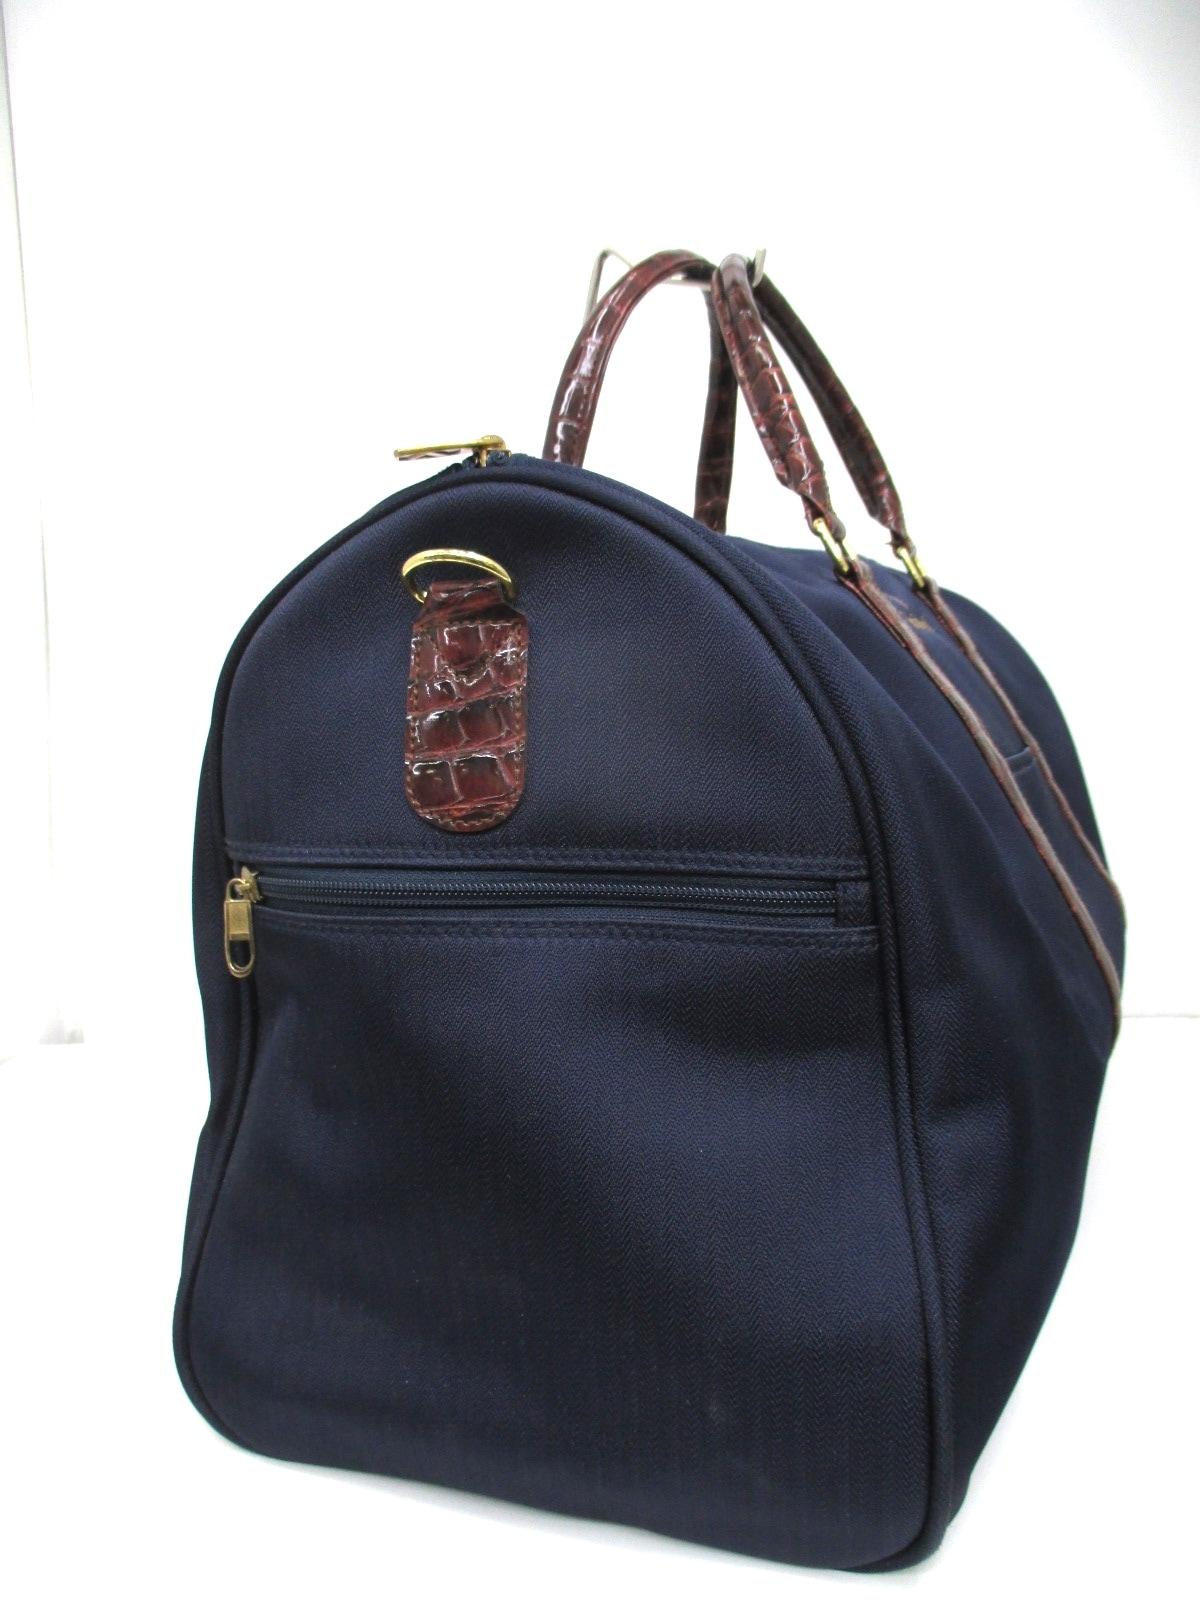 VALENTINO NERVINI(バレンチノ)のボストンバッグ